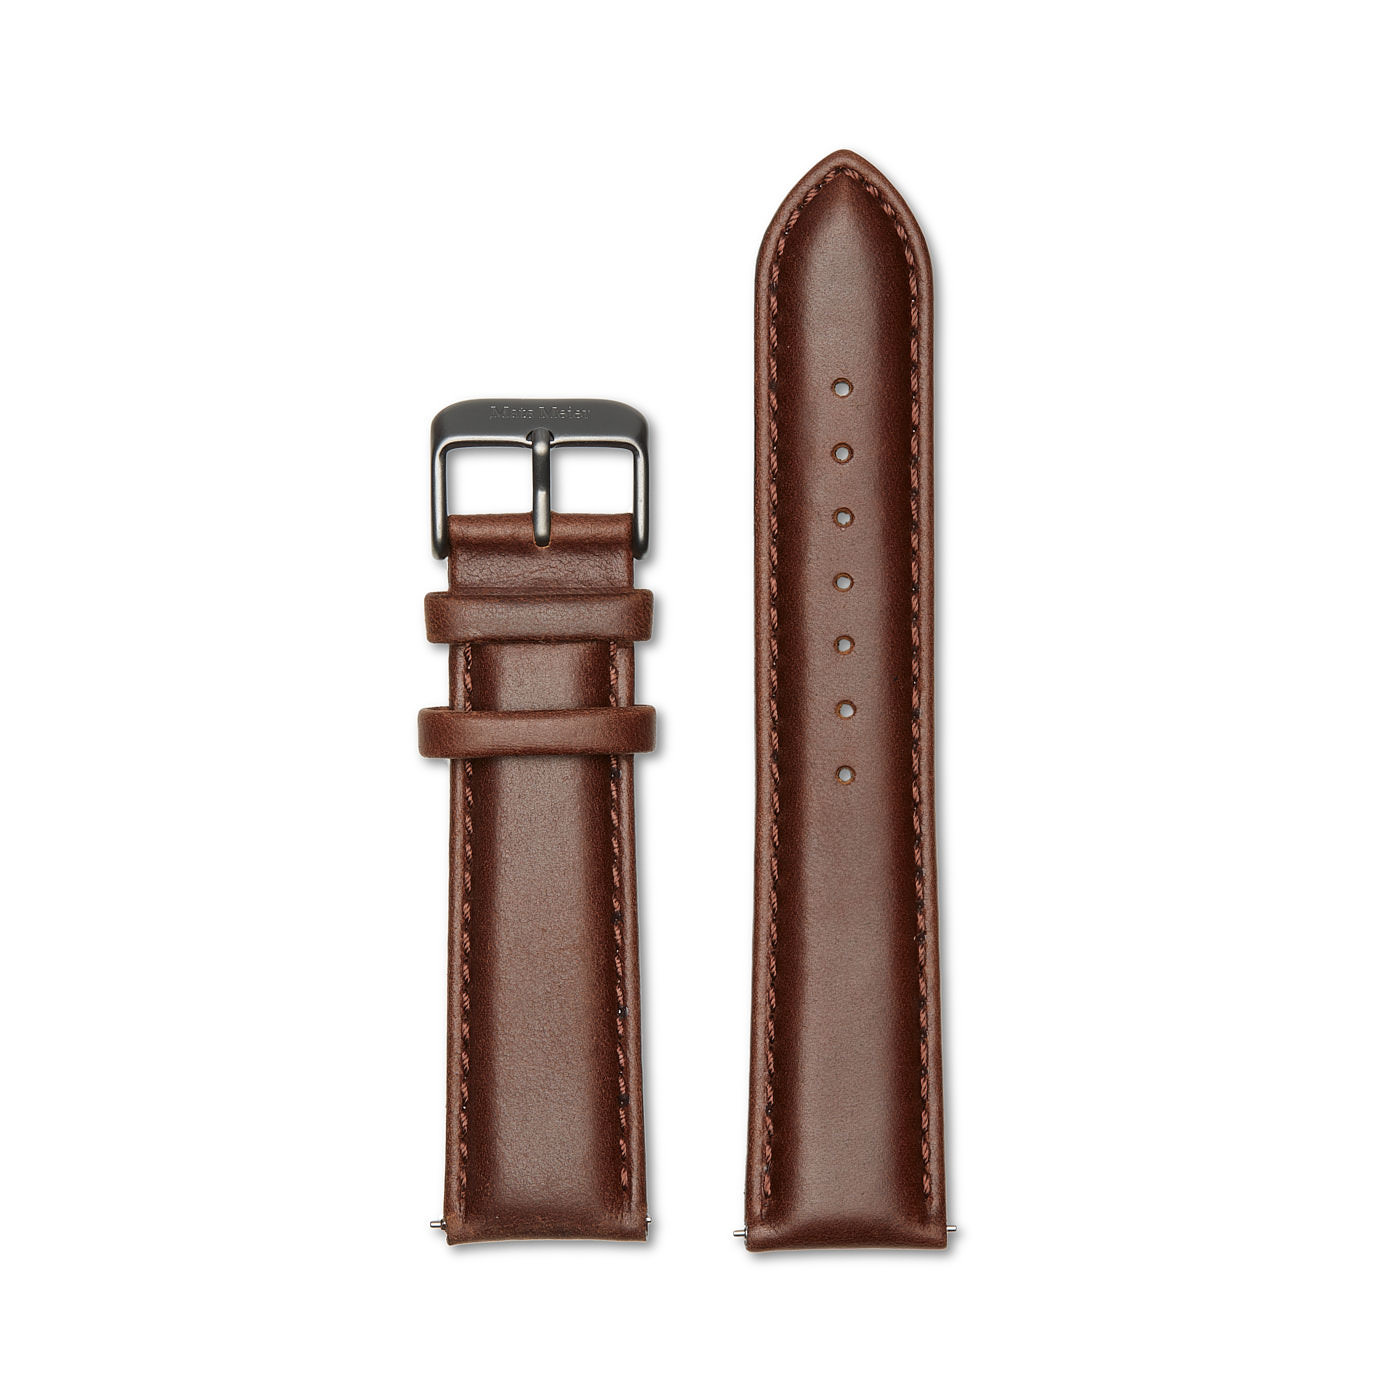 Mats Meier Leather strap 20mm walnut brown